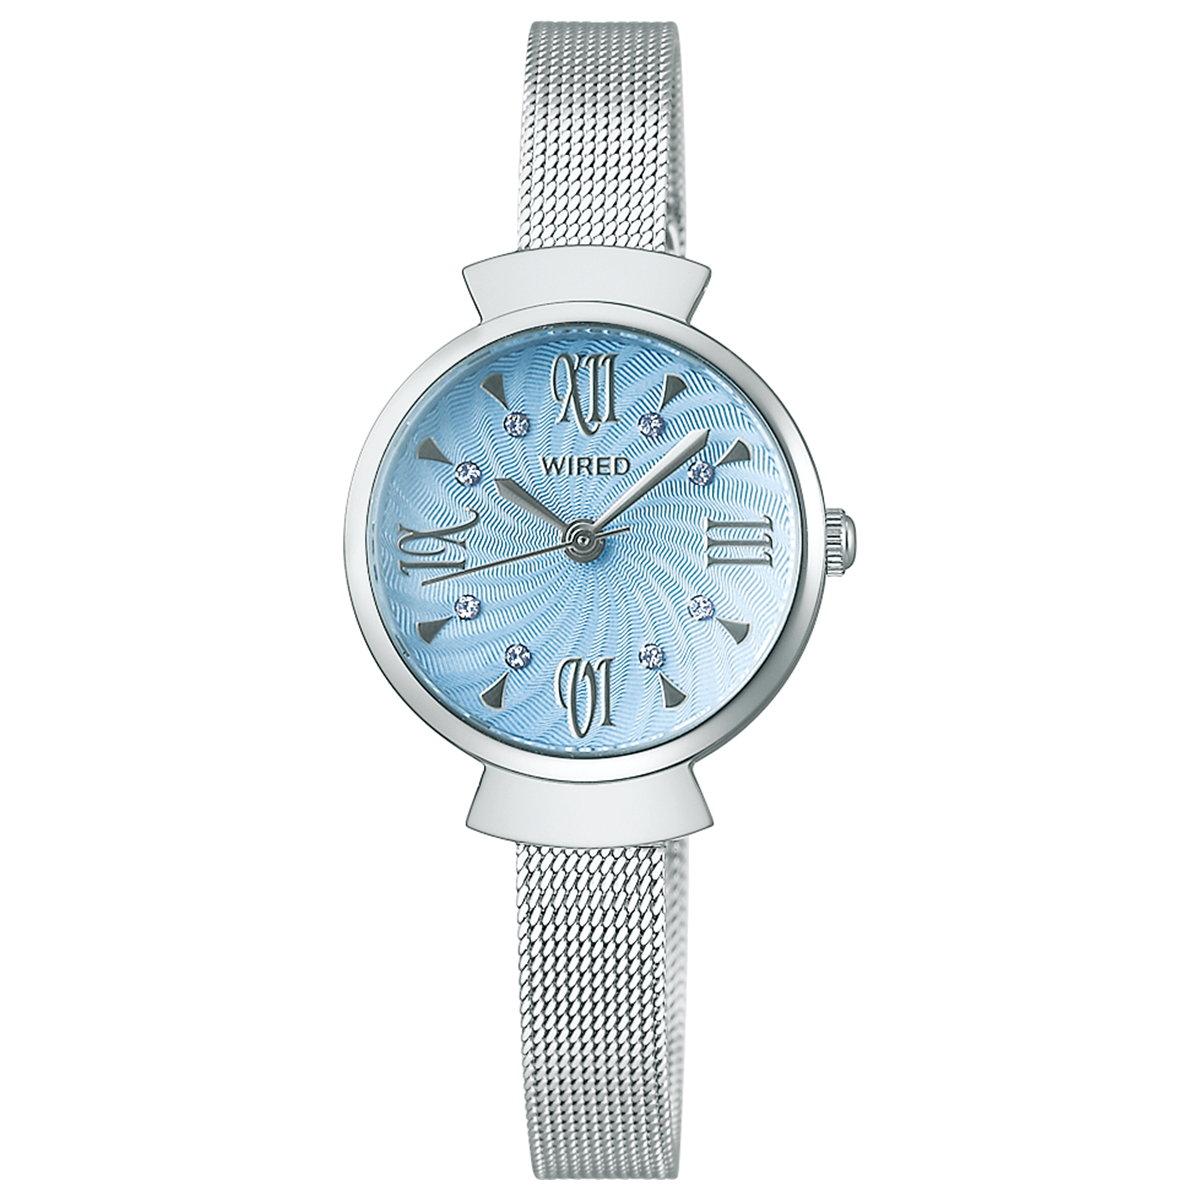 ワイアード エフ WIRED f 腕時計 レディース AGEK457 セイコー